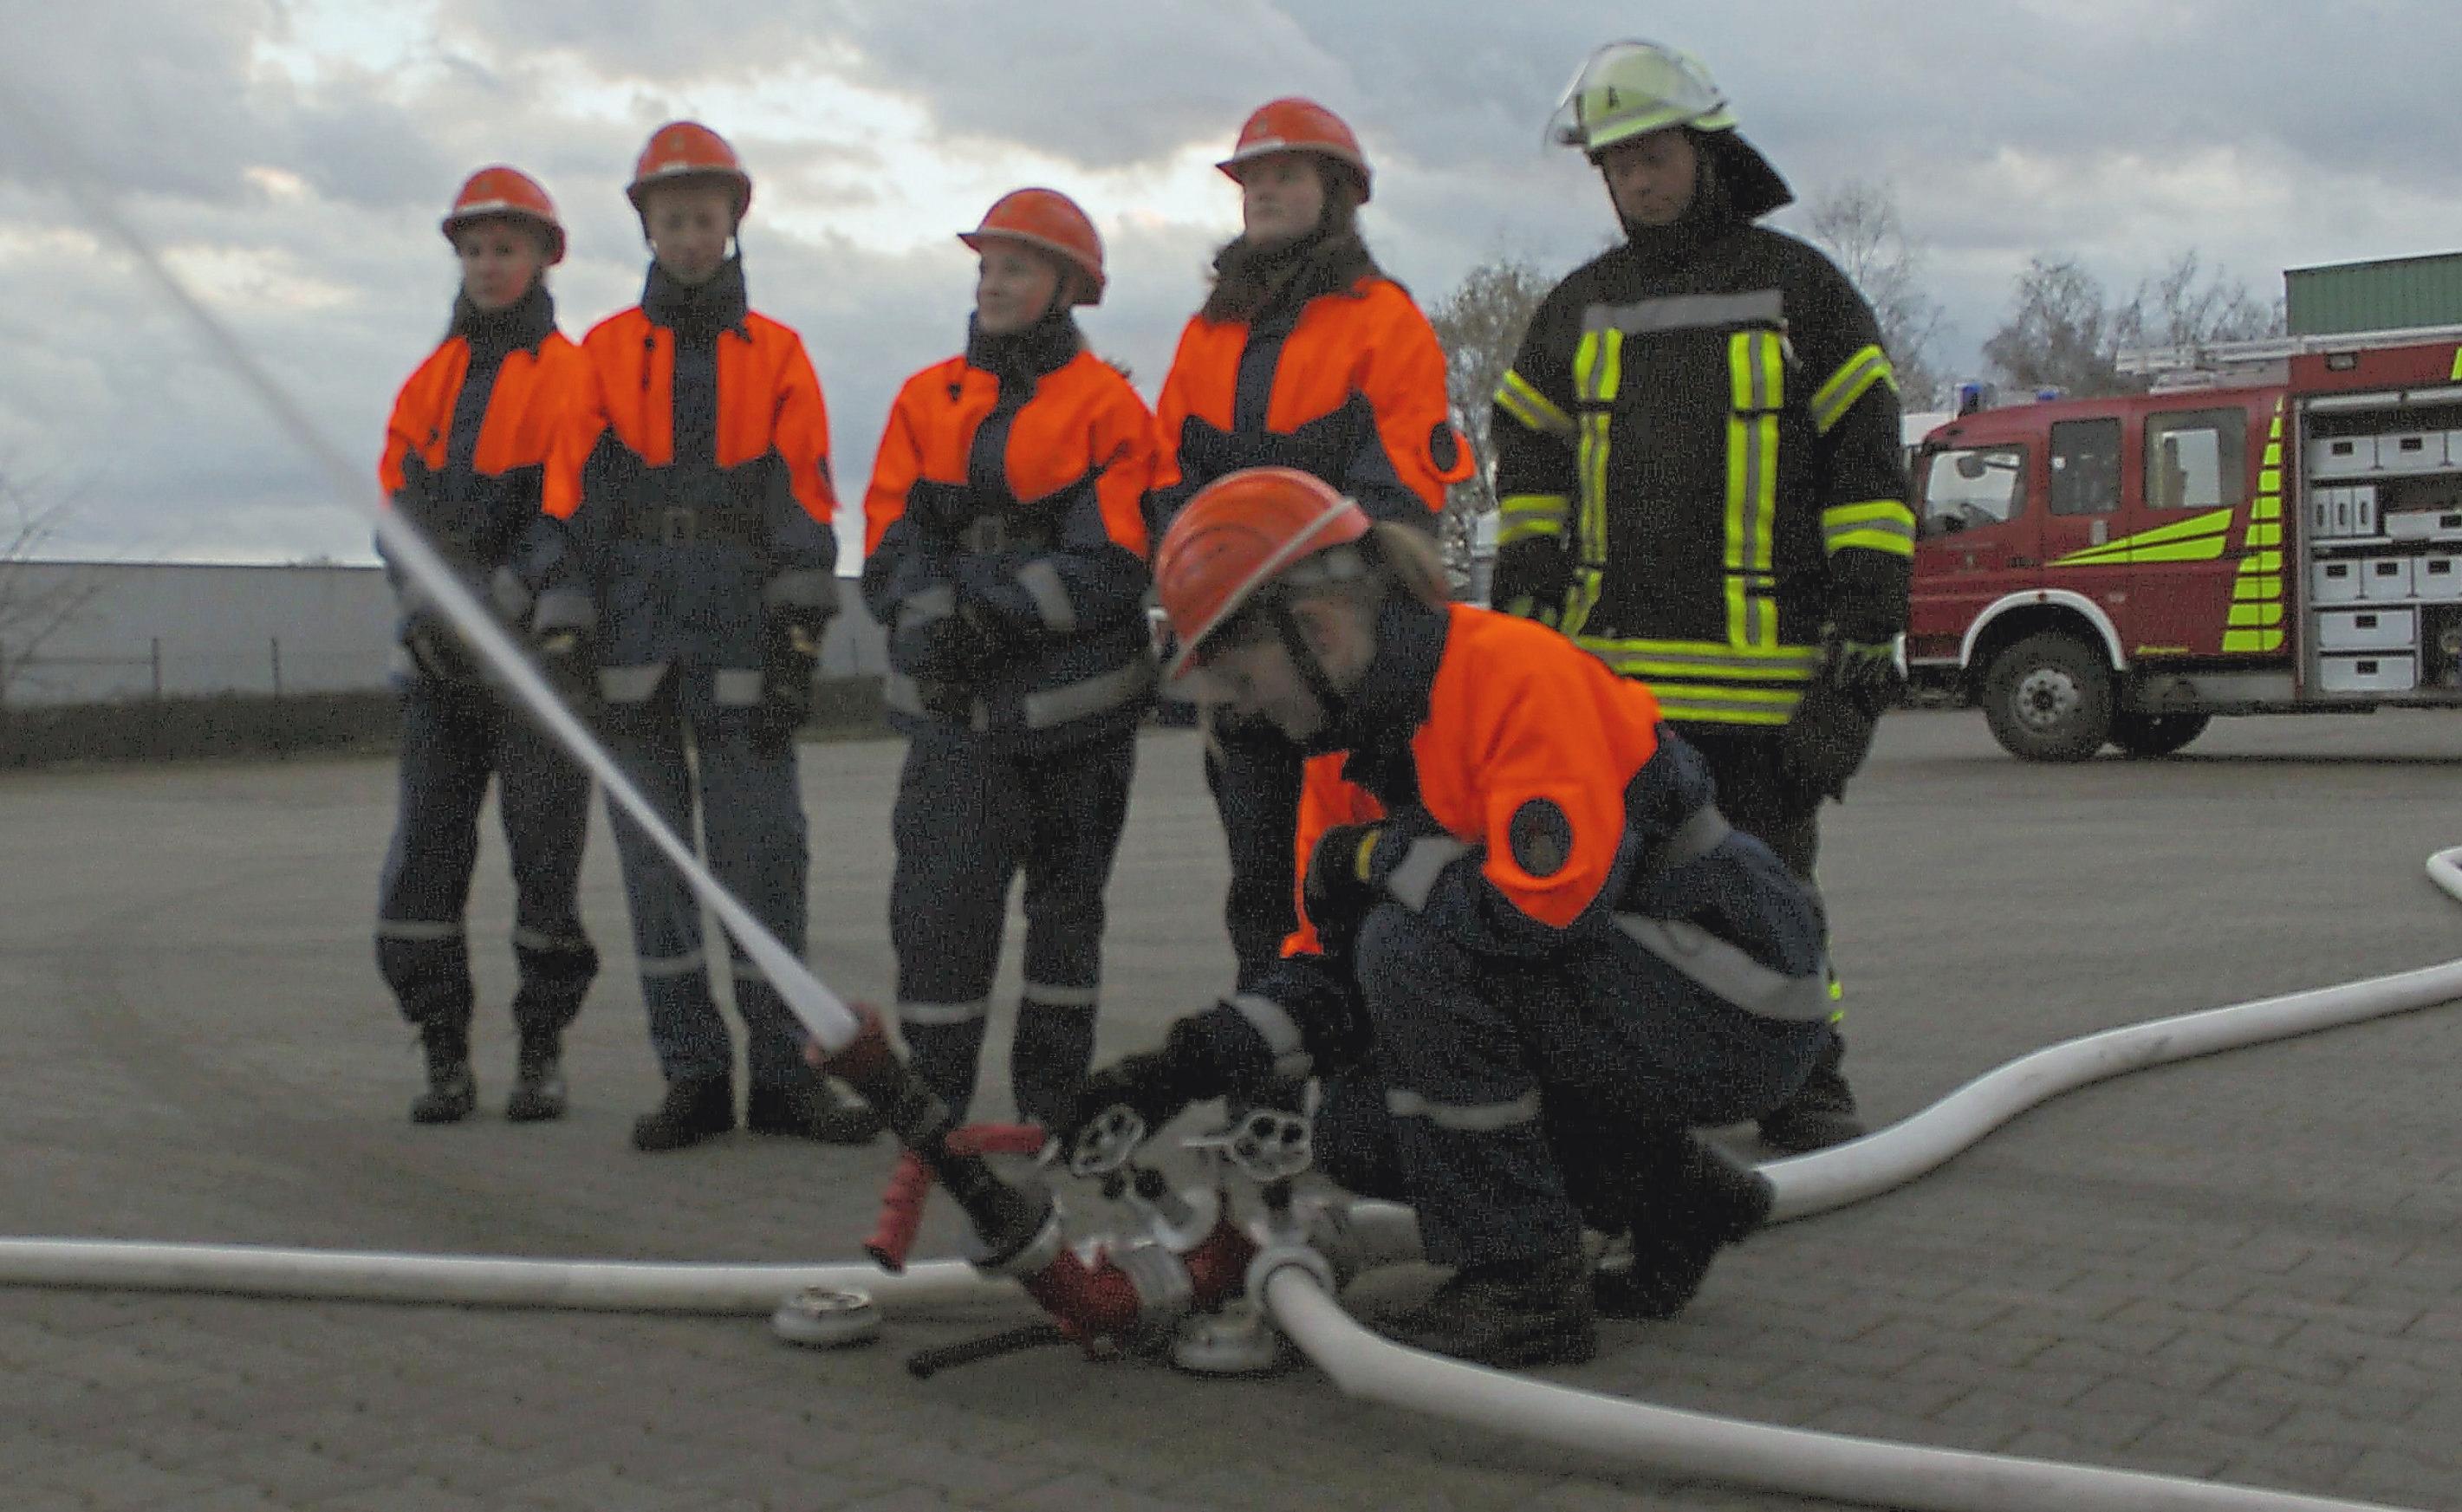 Mit zwei Druckschläuchen und einem Verteiler bauen die Mitglieder der Jugendfeuerwehr einen improvisierten Wasserwerfer. Die Übung ist Teil der Jugendflamme II.